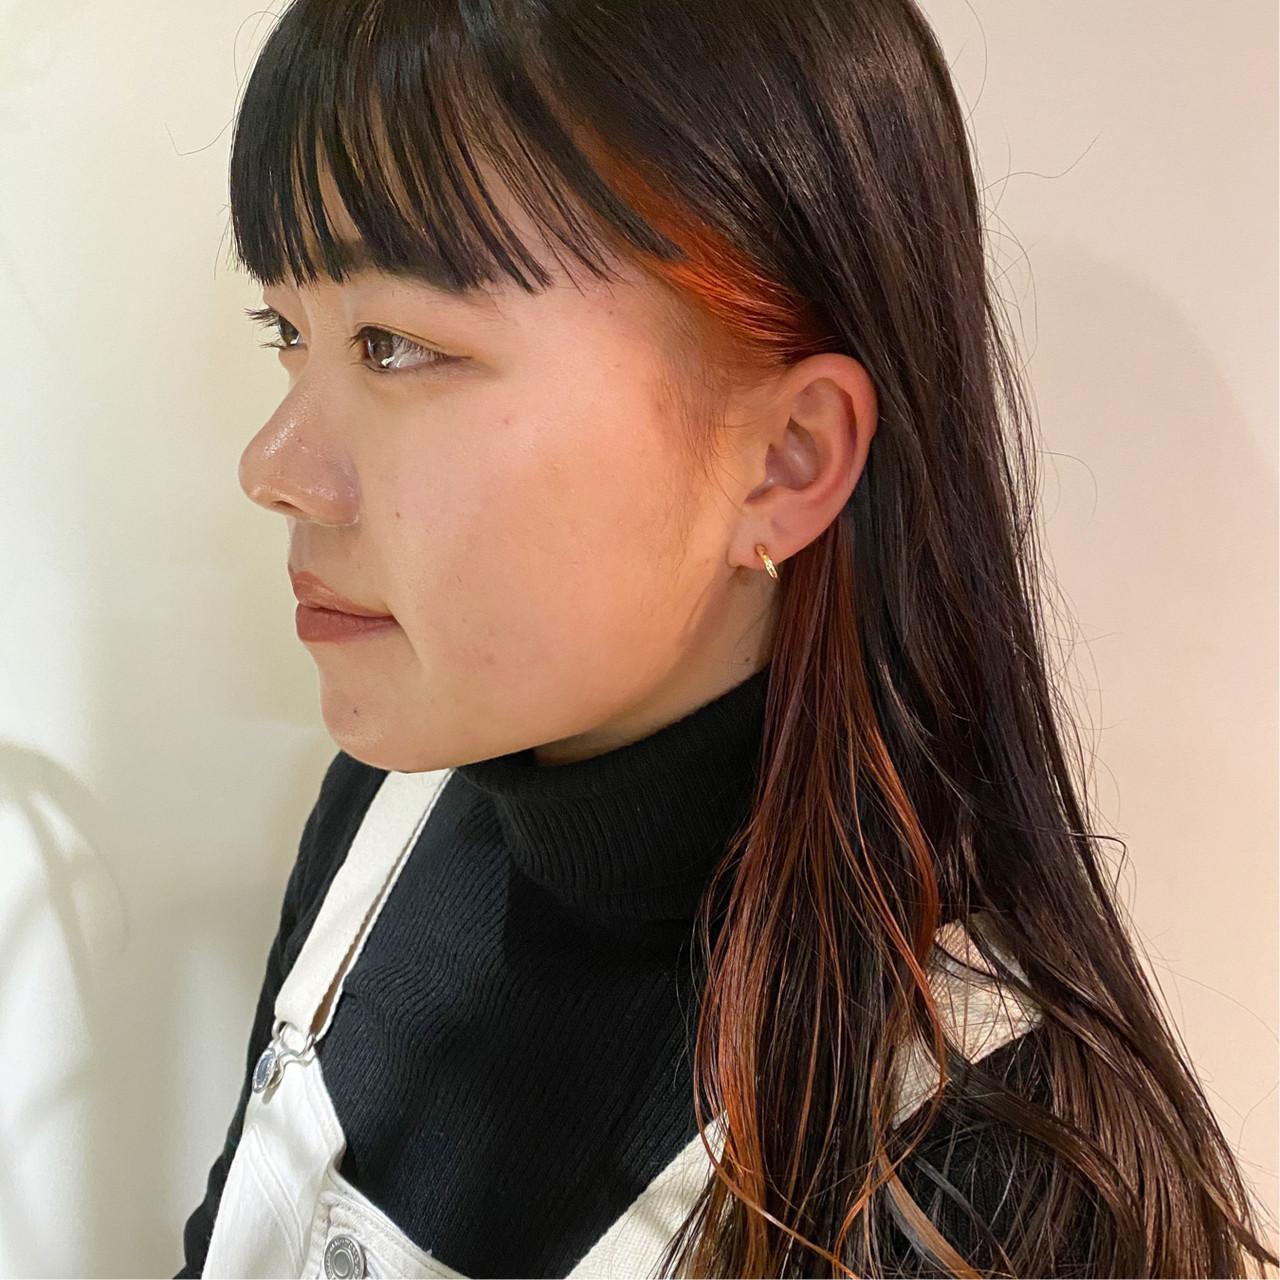 オレンジカラー モード インナーカラーオレンジ アプリコットオレンジ ヘアスタイルや髪型の写真・画像